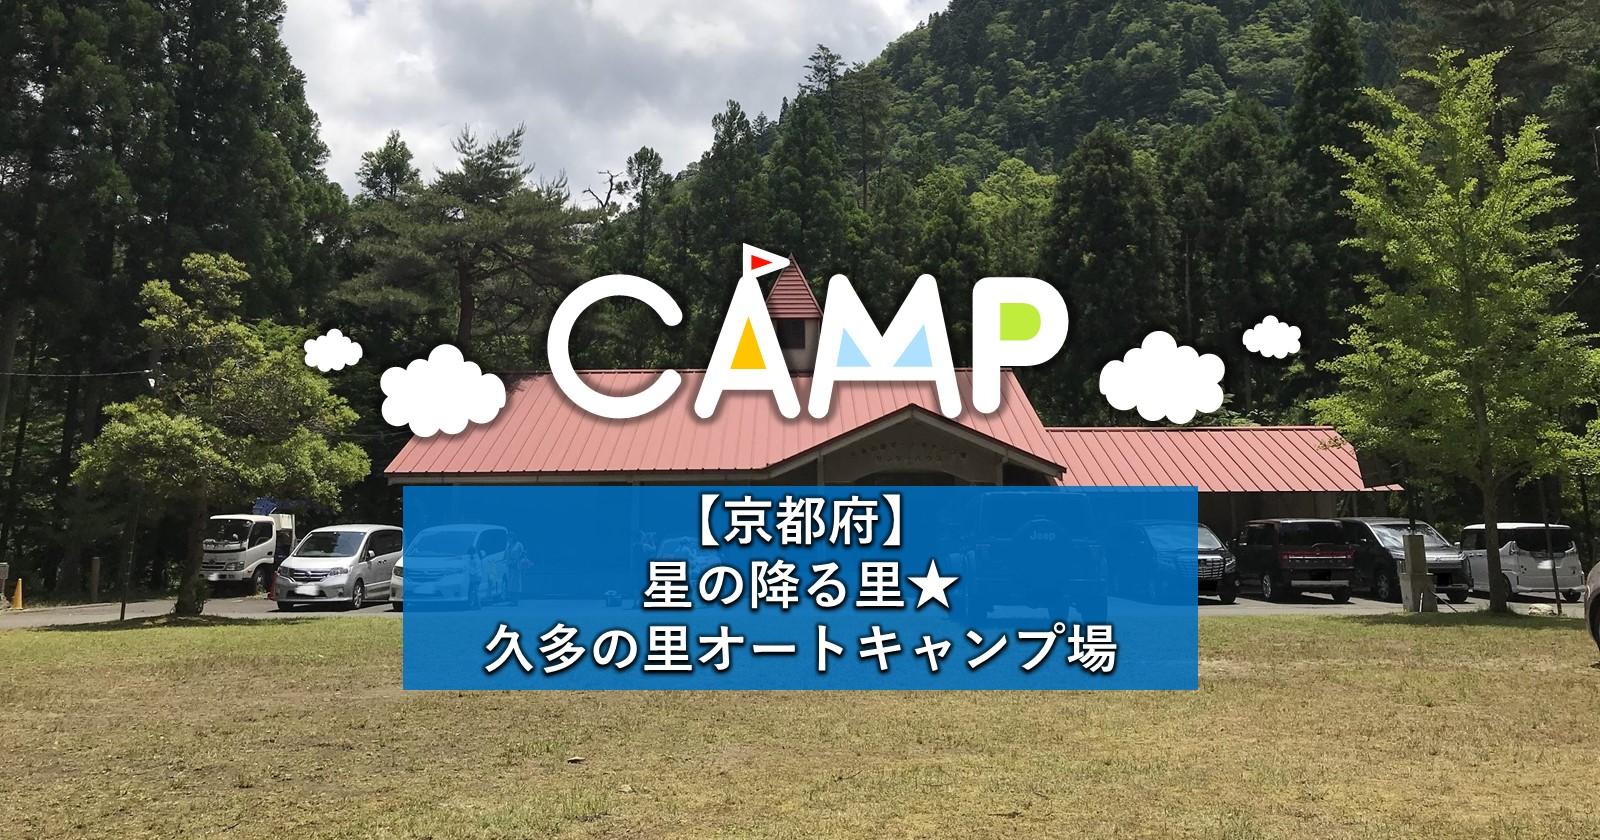 【京都府】星の降る里 久多の里オートキャンプ場